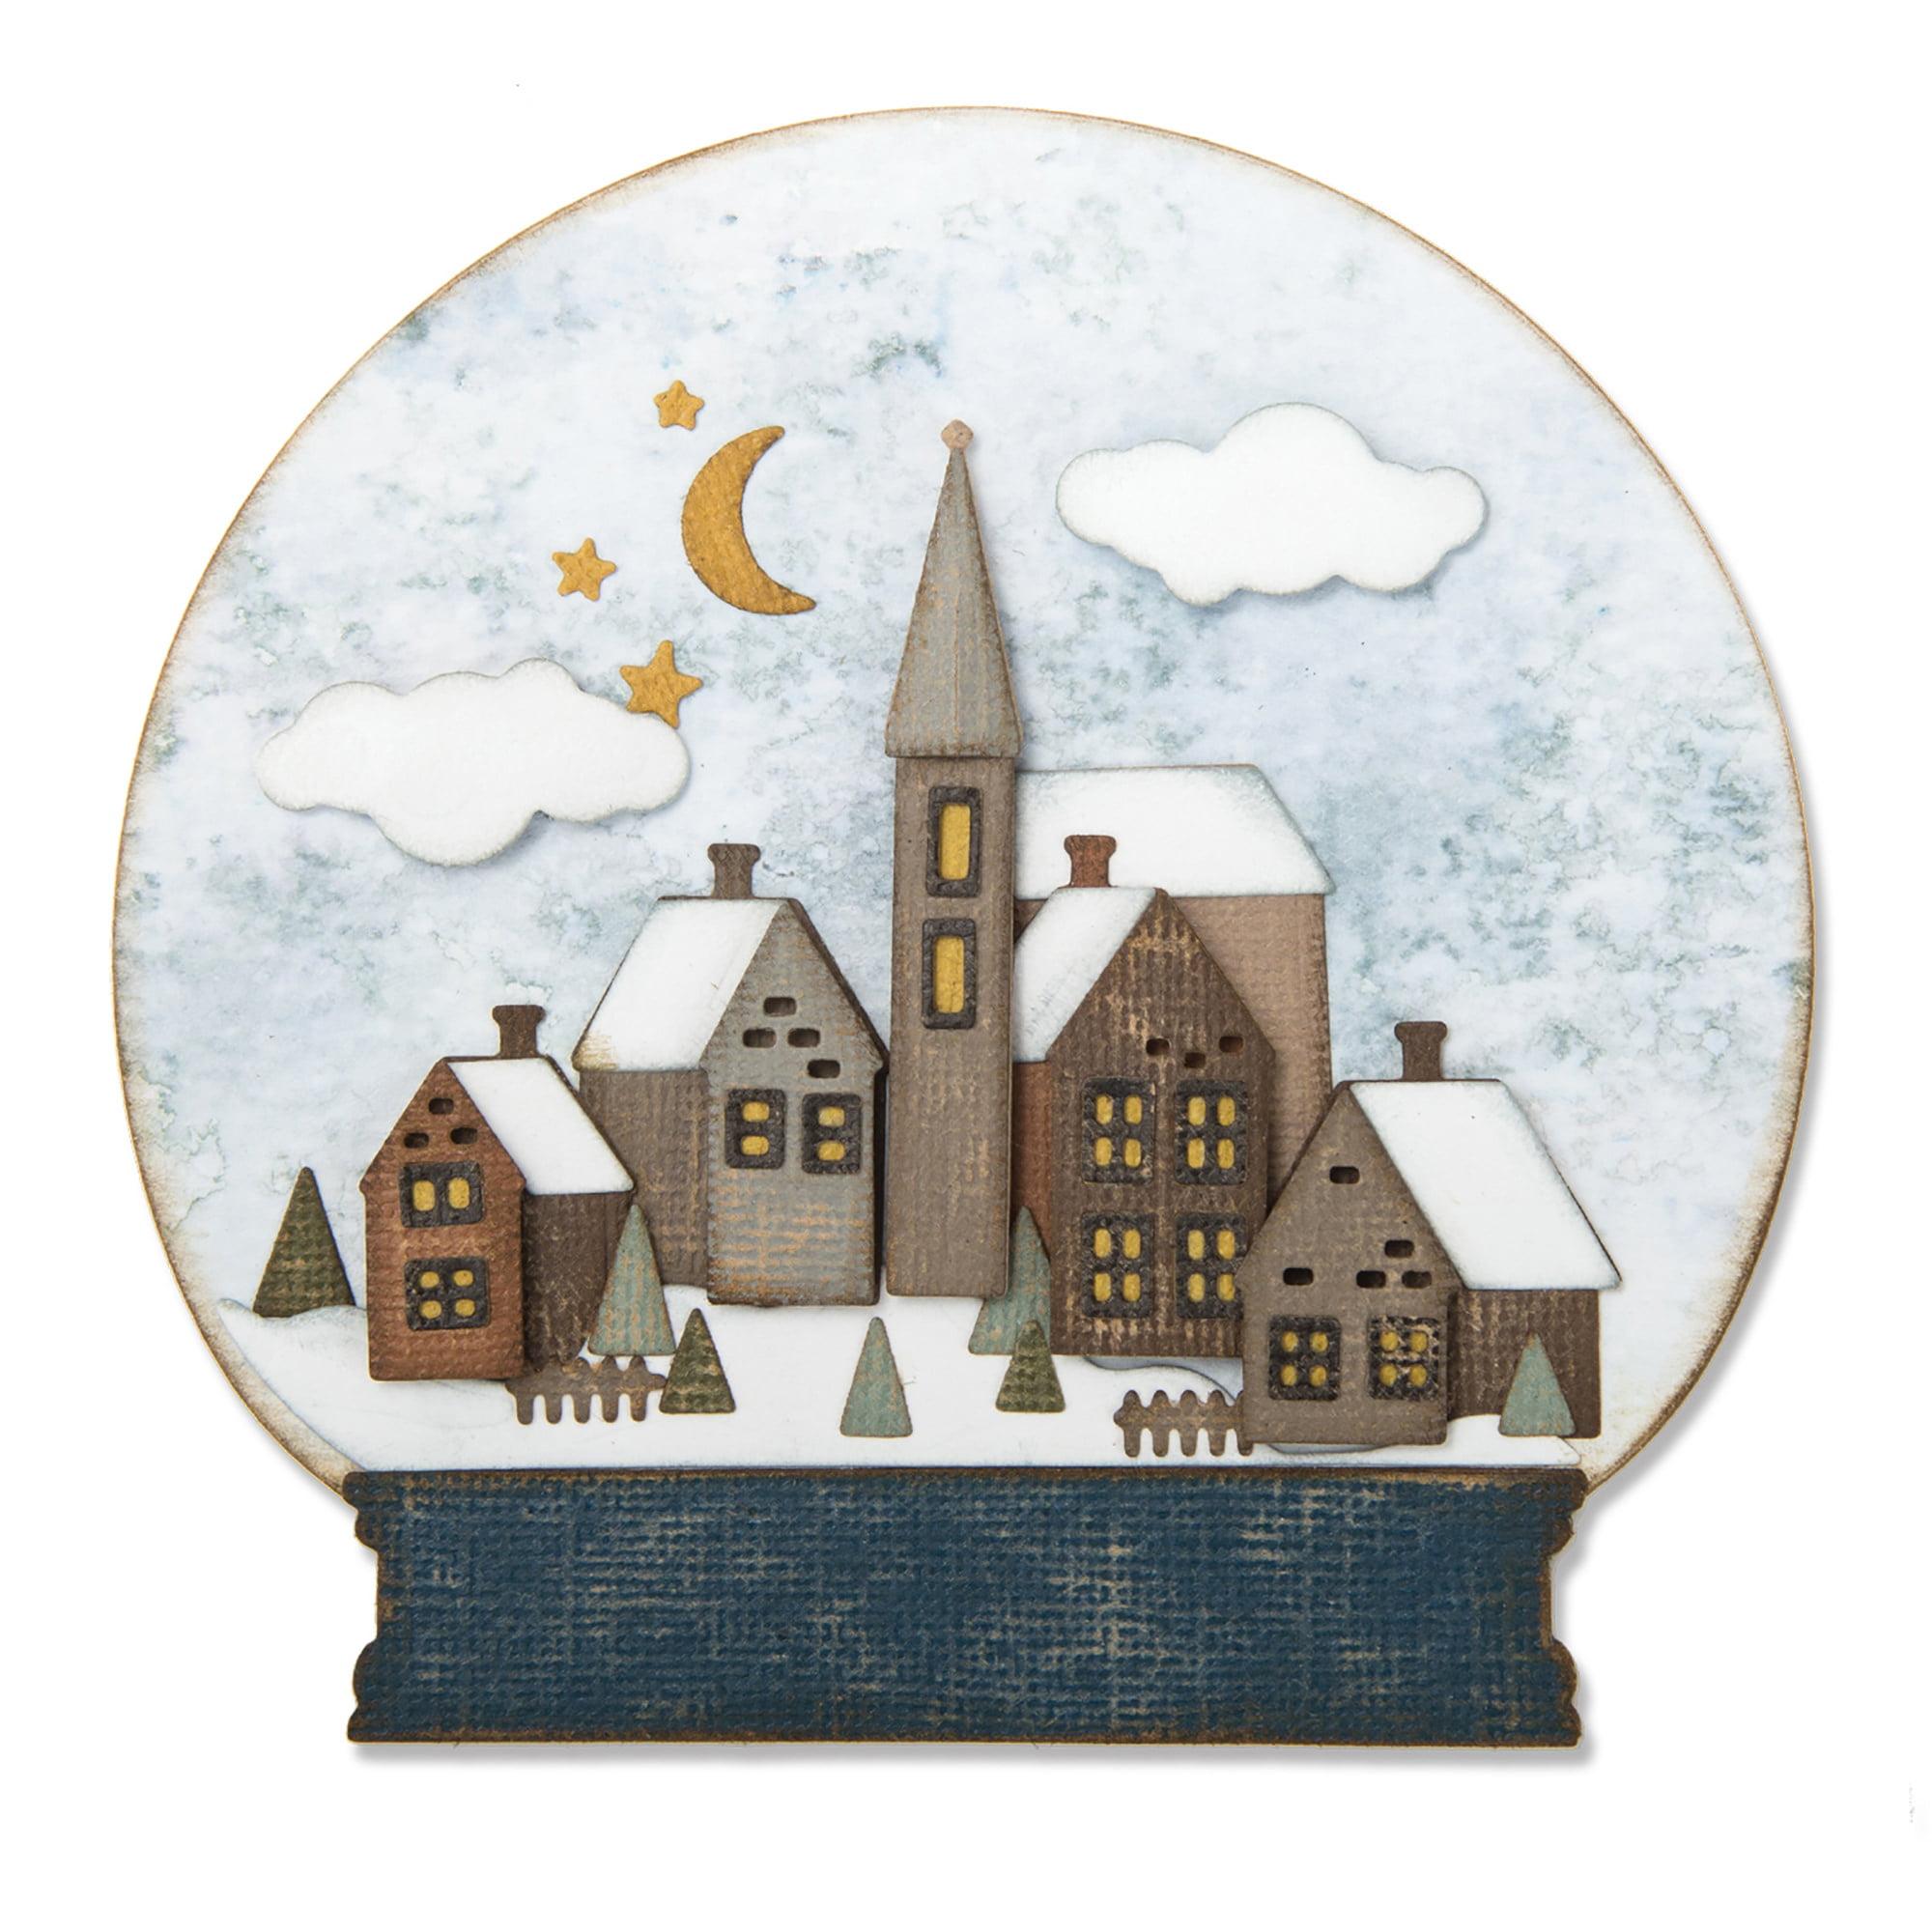 Sizzix Thinlits Dies - Snowglobe #2 by Tim Holtz